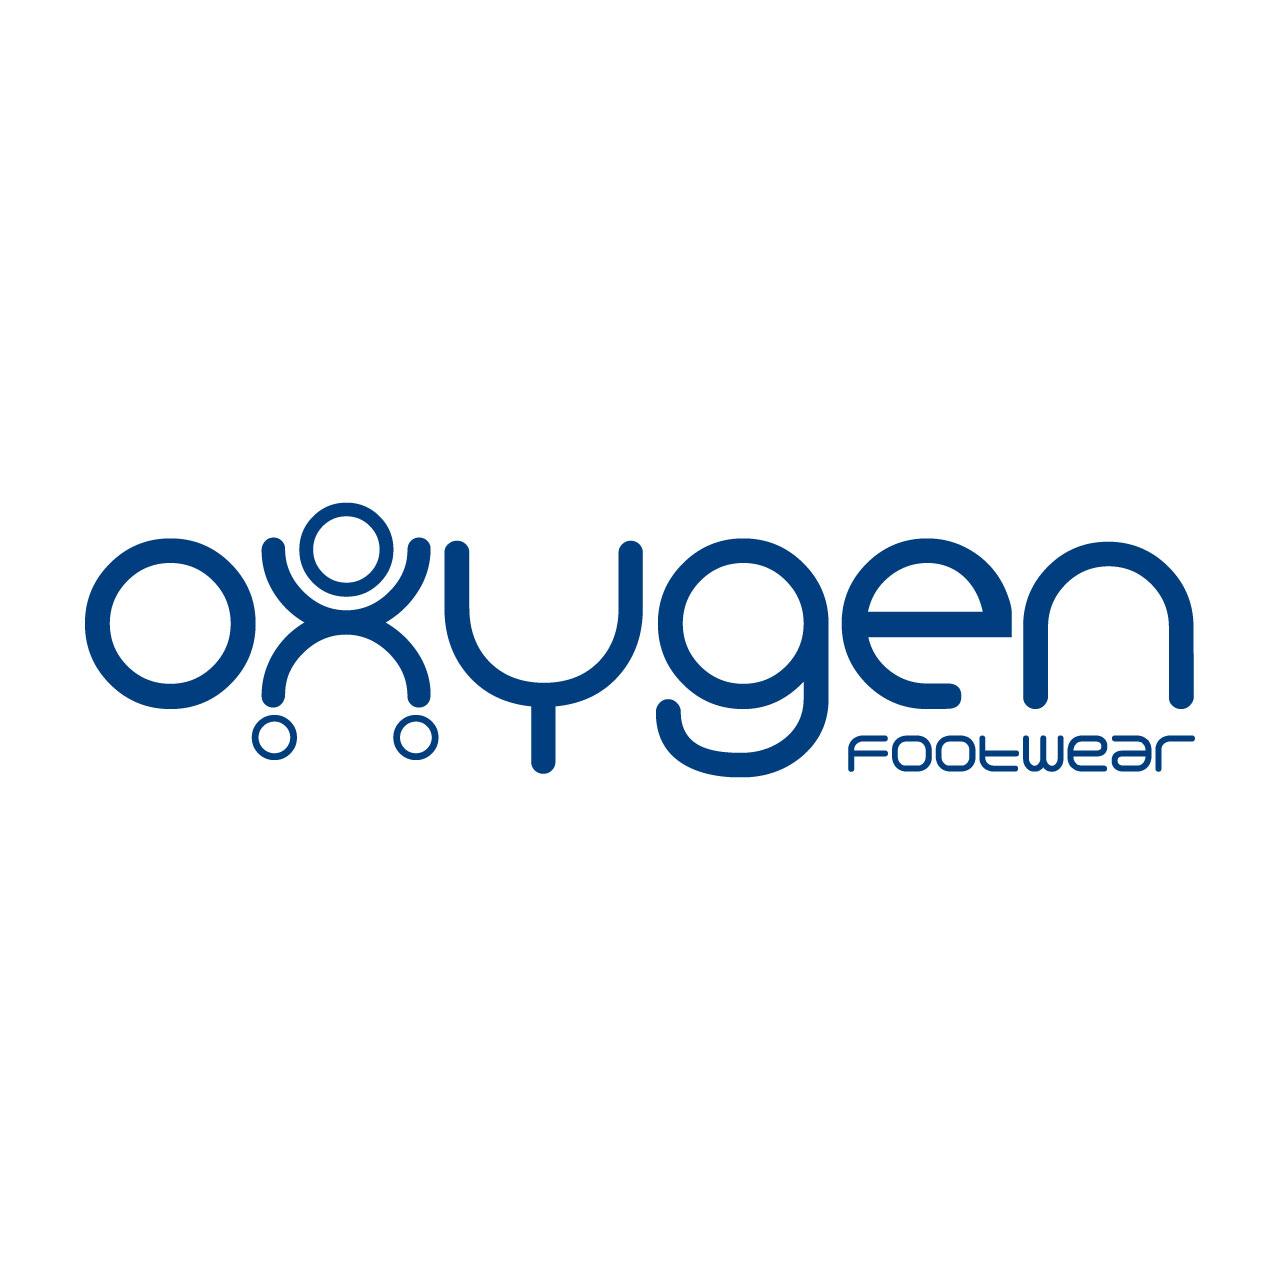 Oxygen Footwear logo